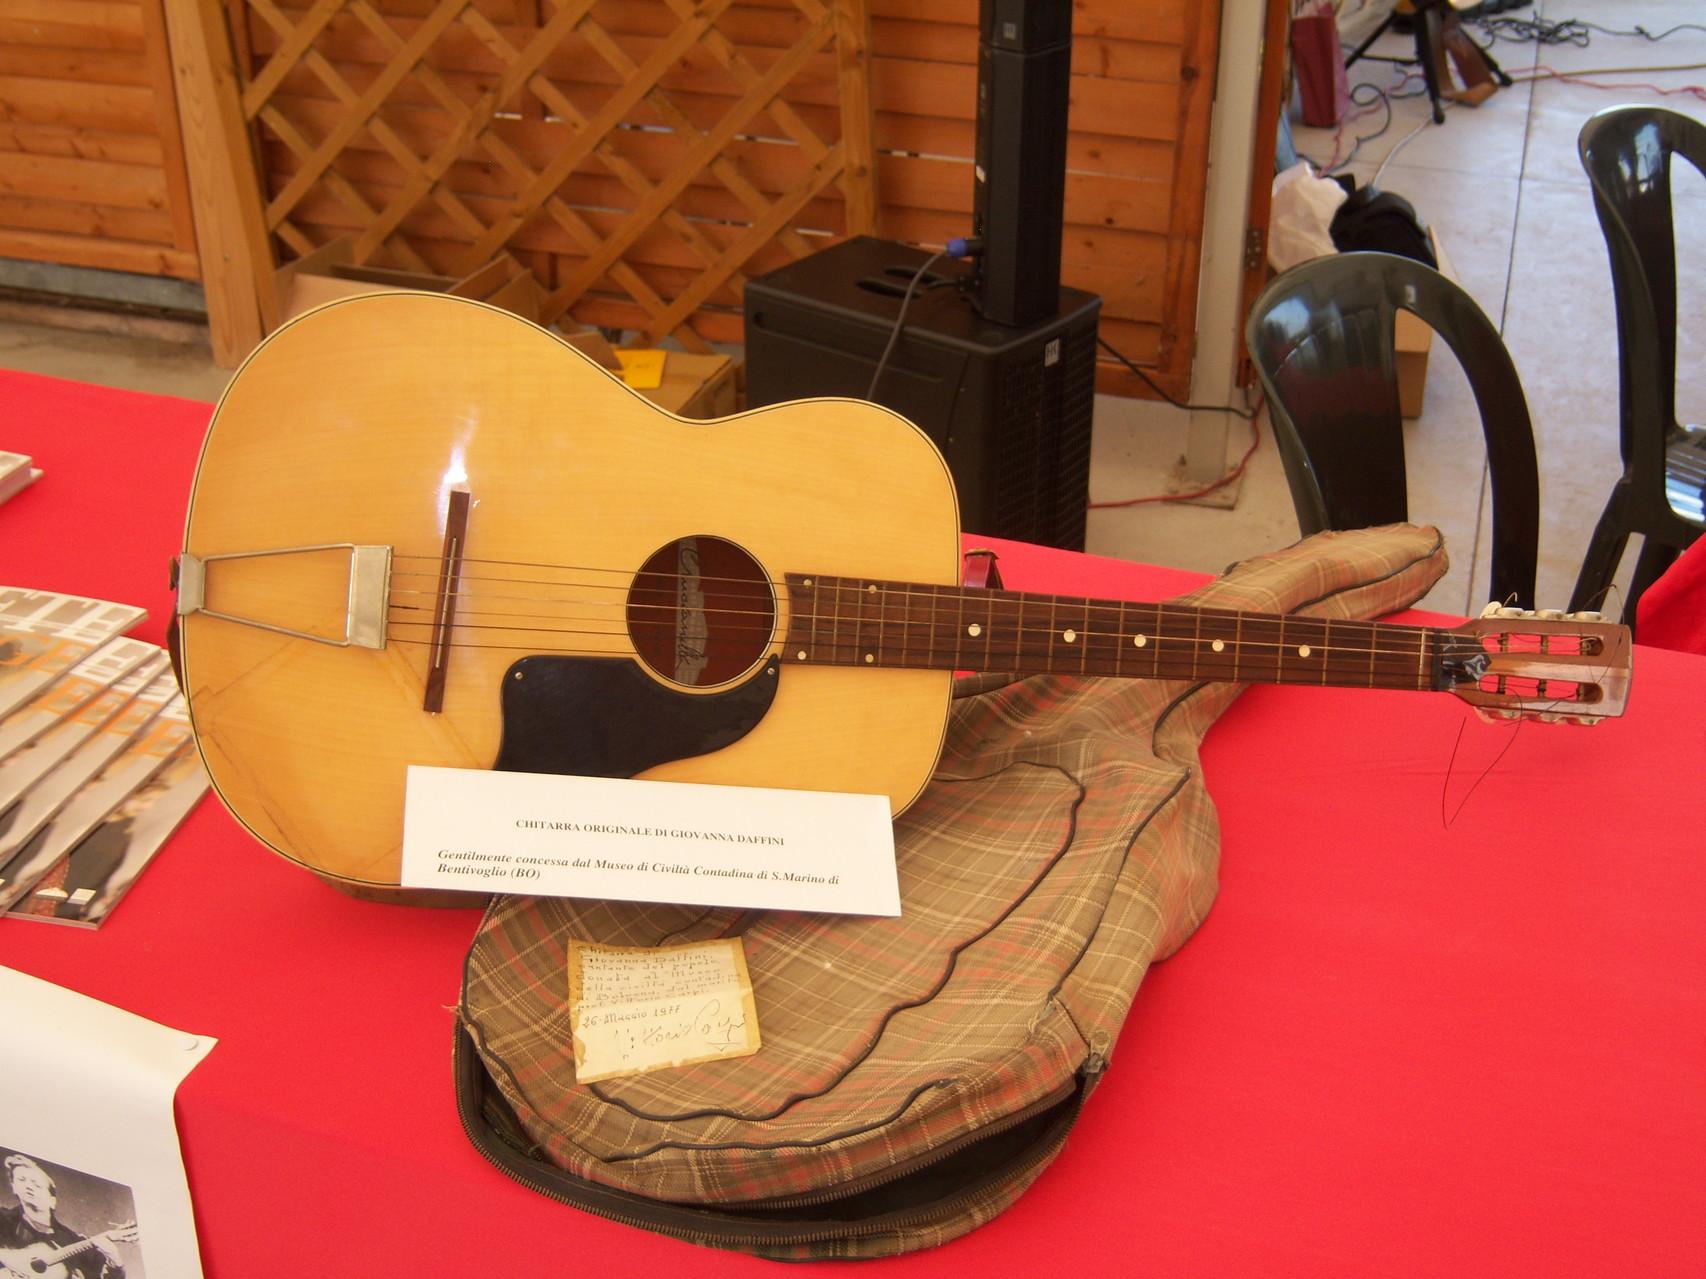 chitarra di Giovanna Daffini